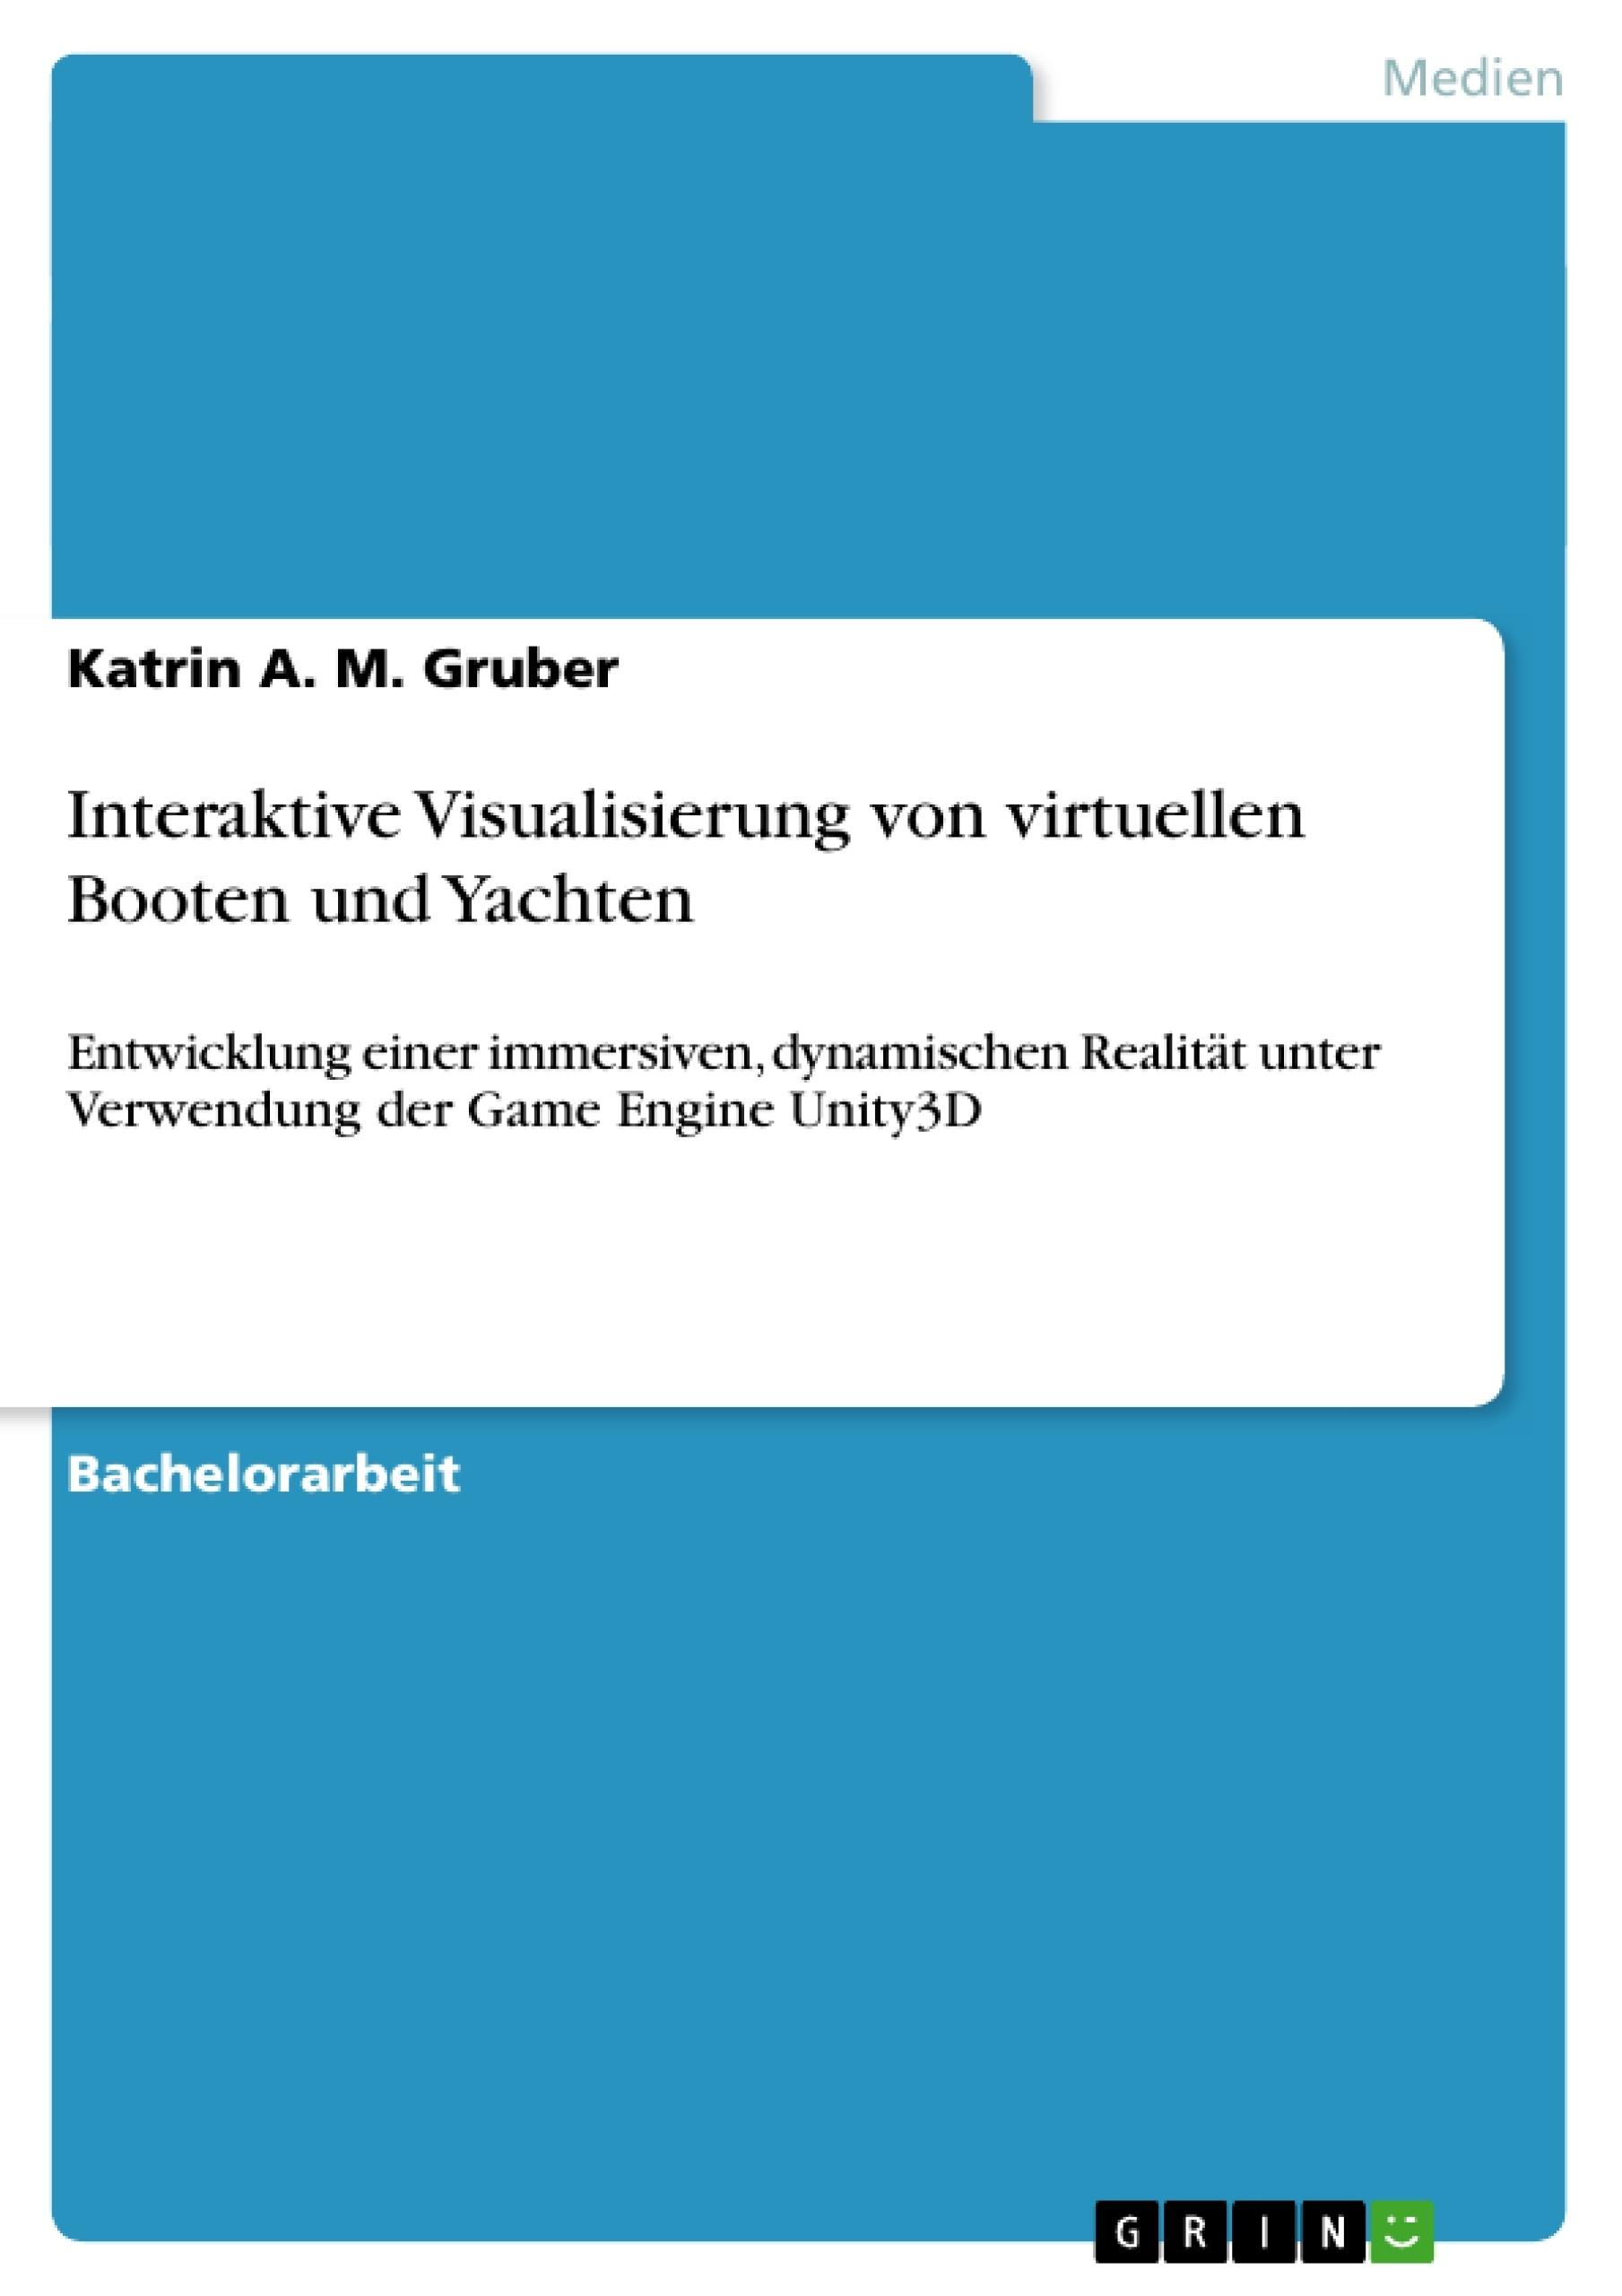 Titel: Interaktive Visualisierung von virtuellen Booten und Yachten